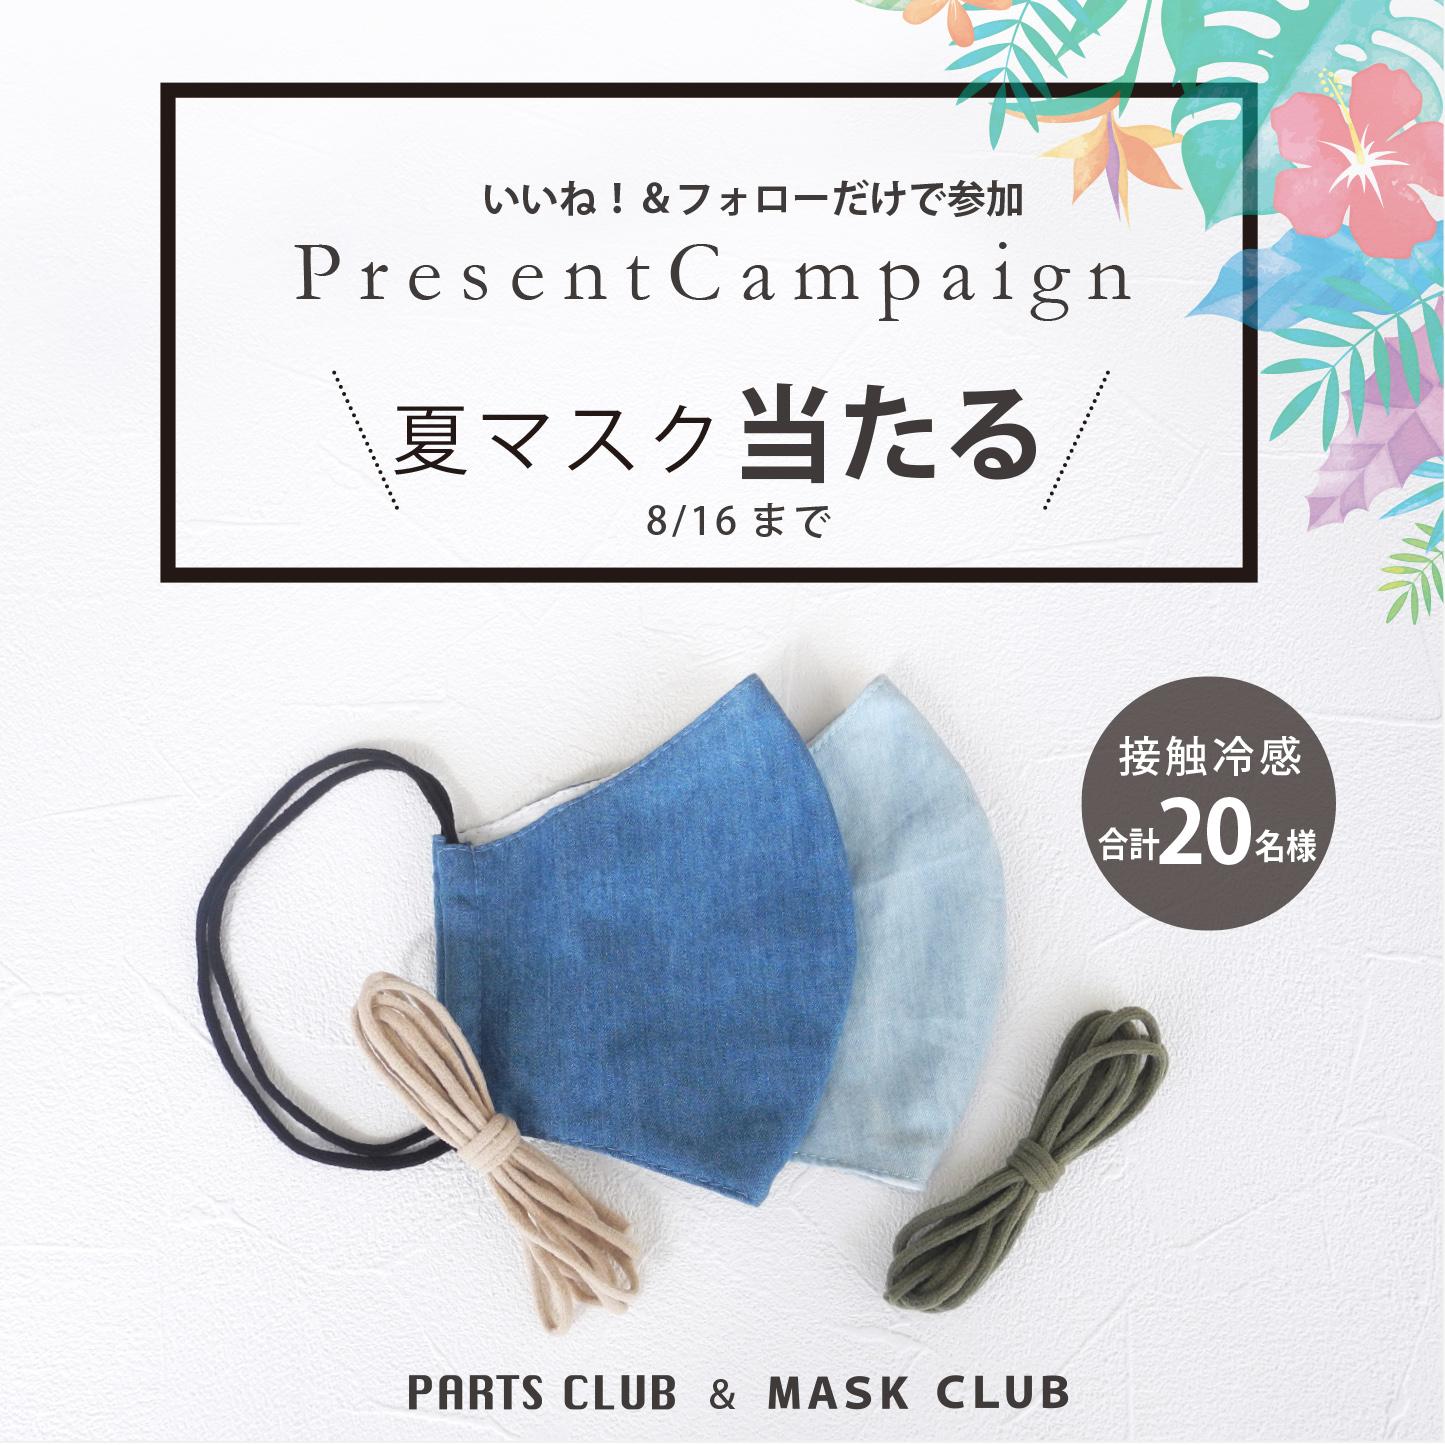 夏マスクが合計20名に当たるSNSキャンペーン!マスク専門EC店「MASK CLUB」+「PARTS CLUB」合同企画 8/16(日)まで